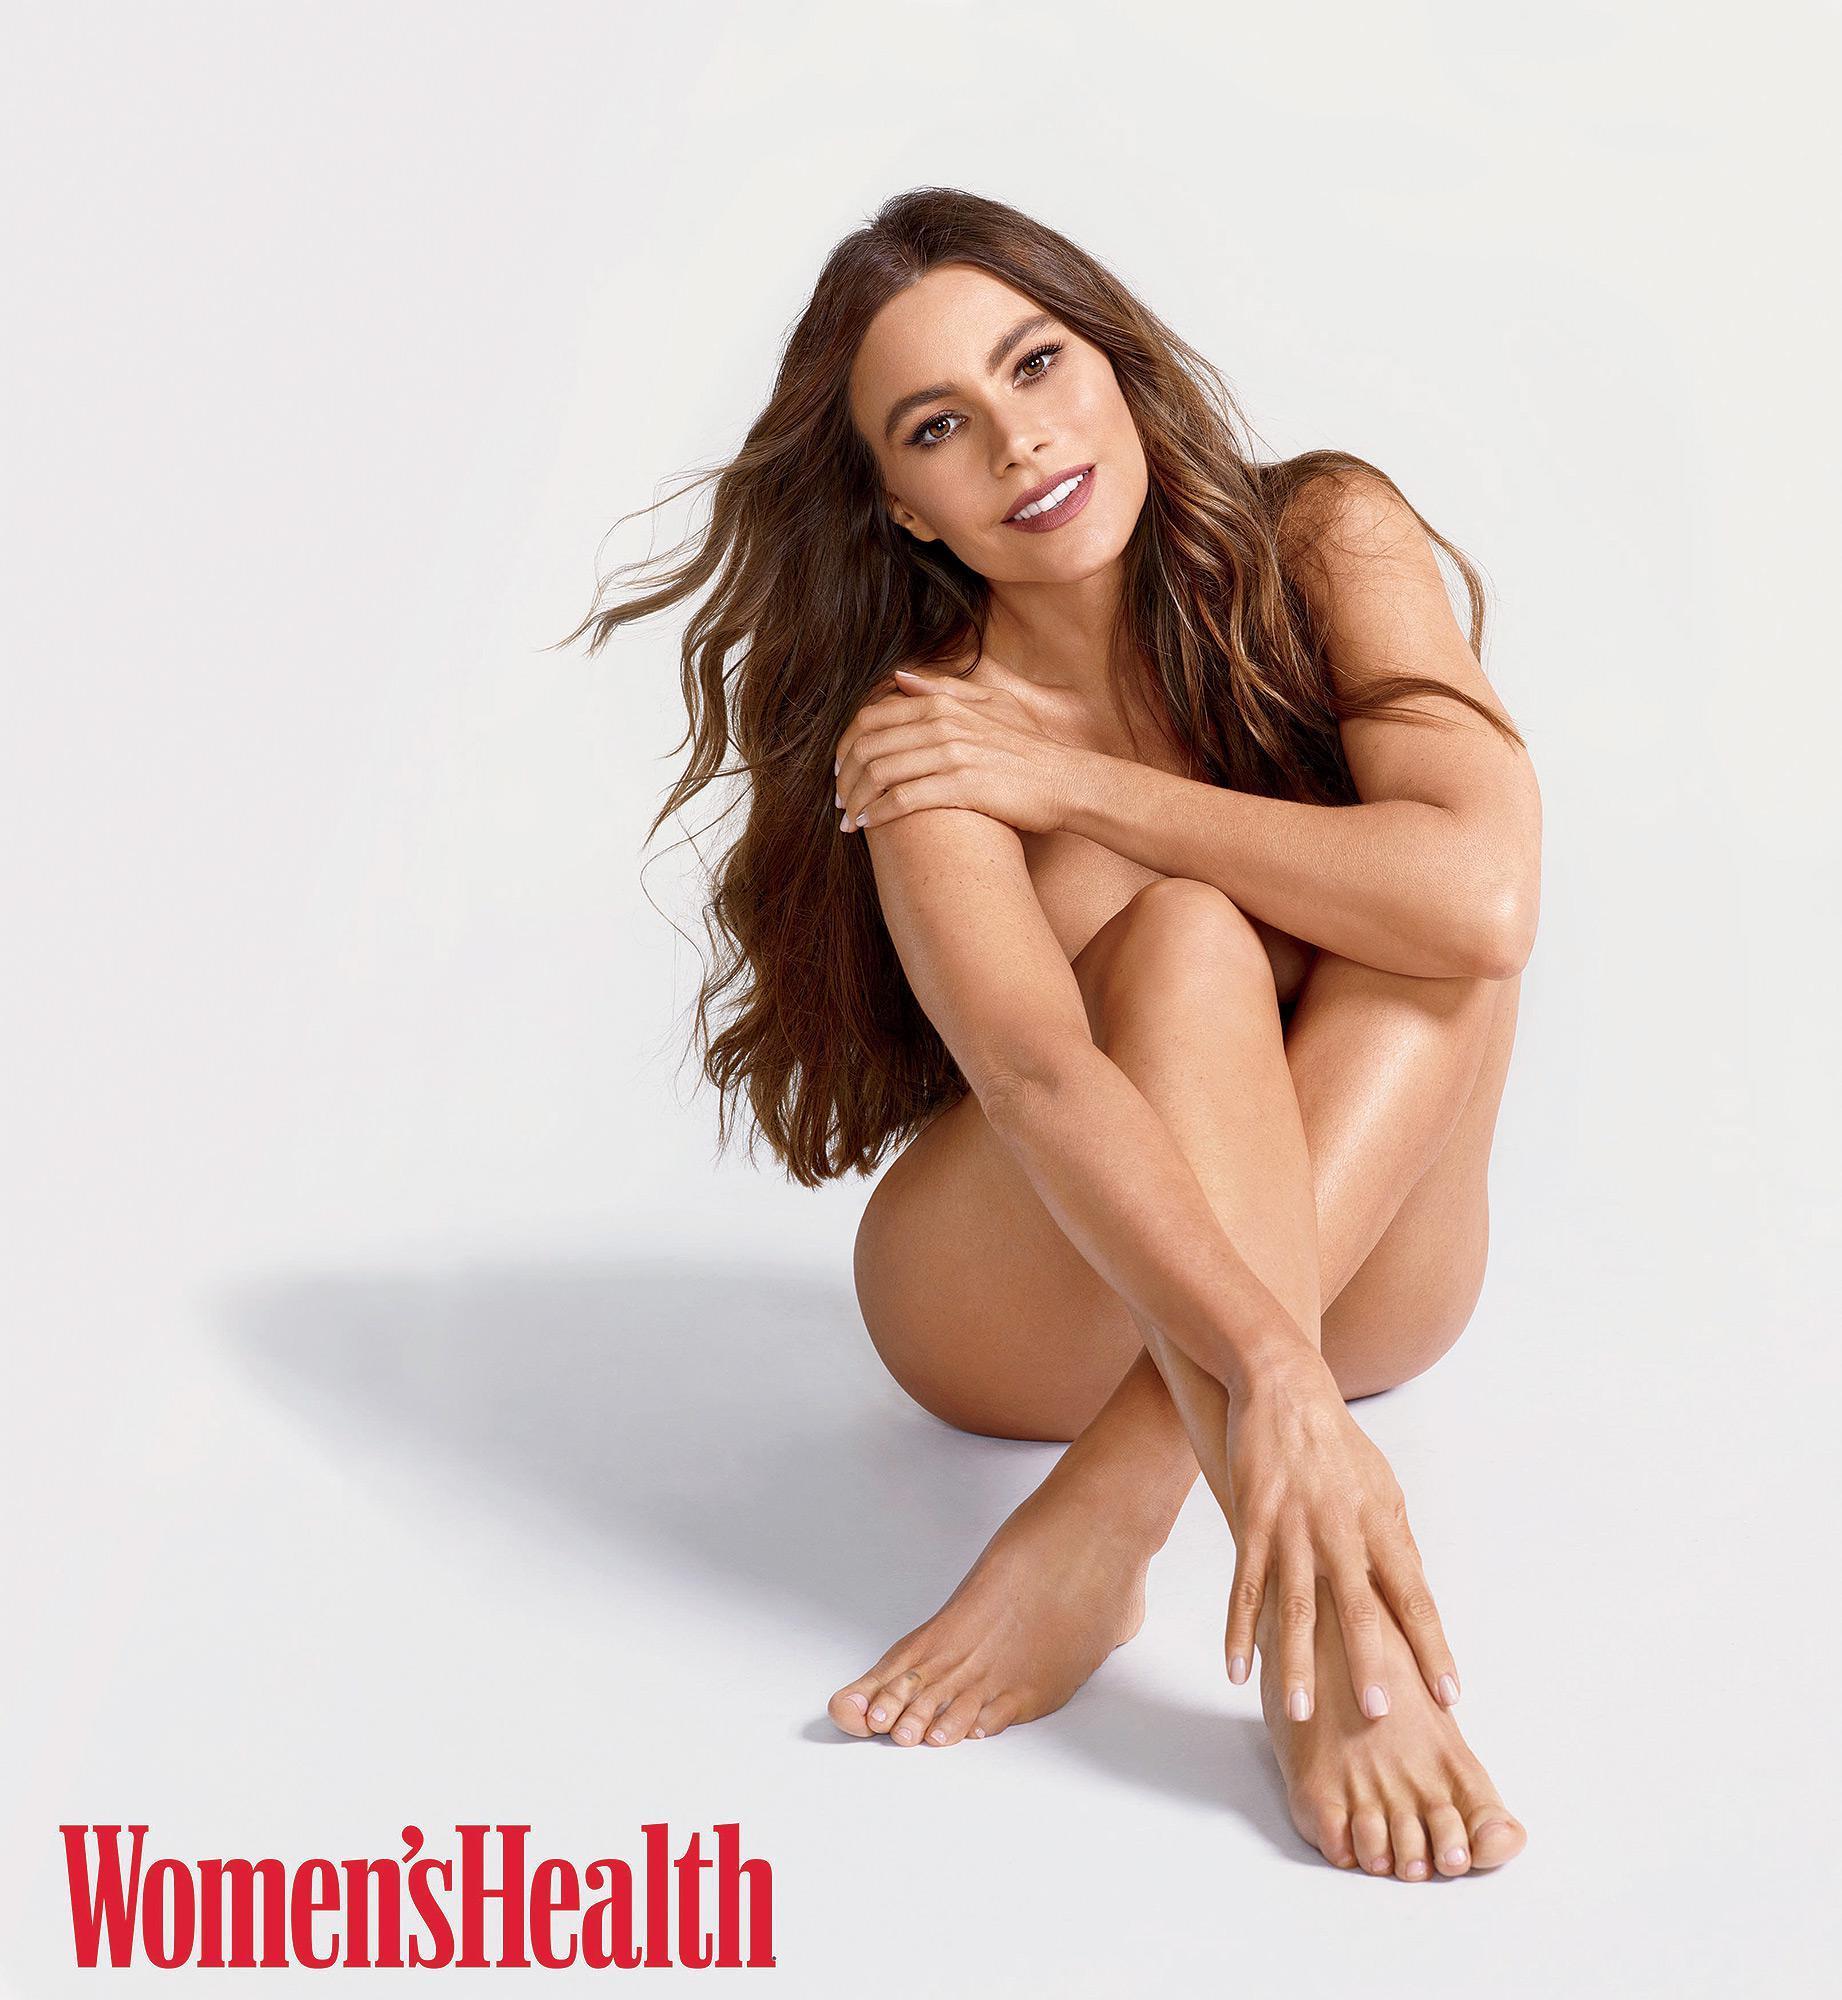 Geile Frauen Bilder, Sexy Weiber, Sexy Nackte Frauen